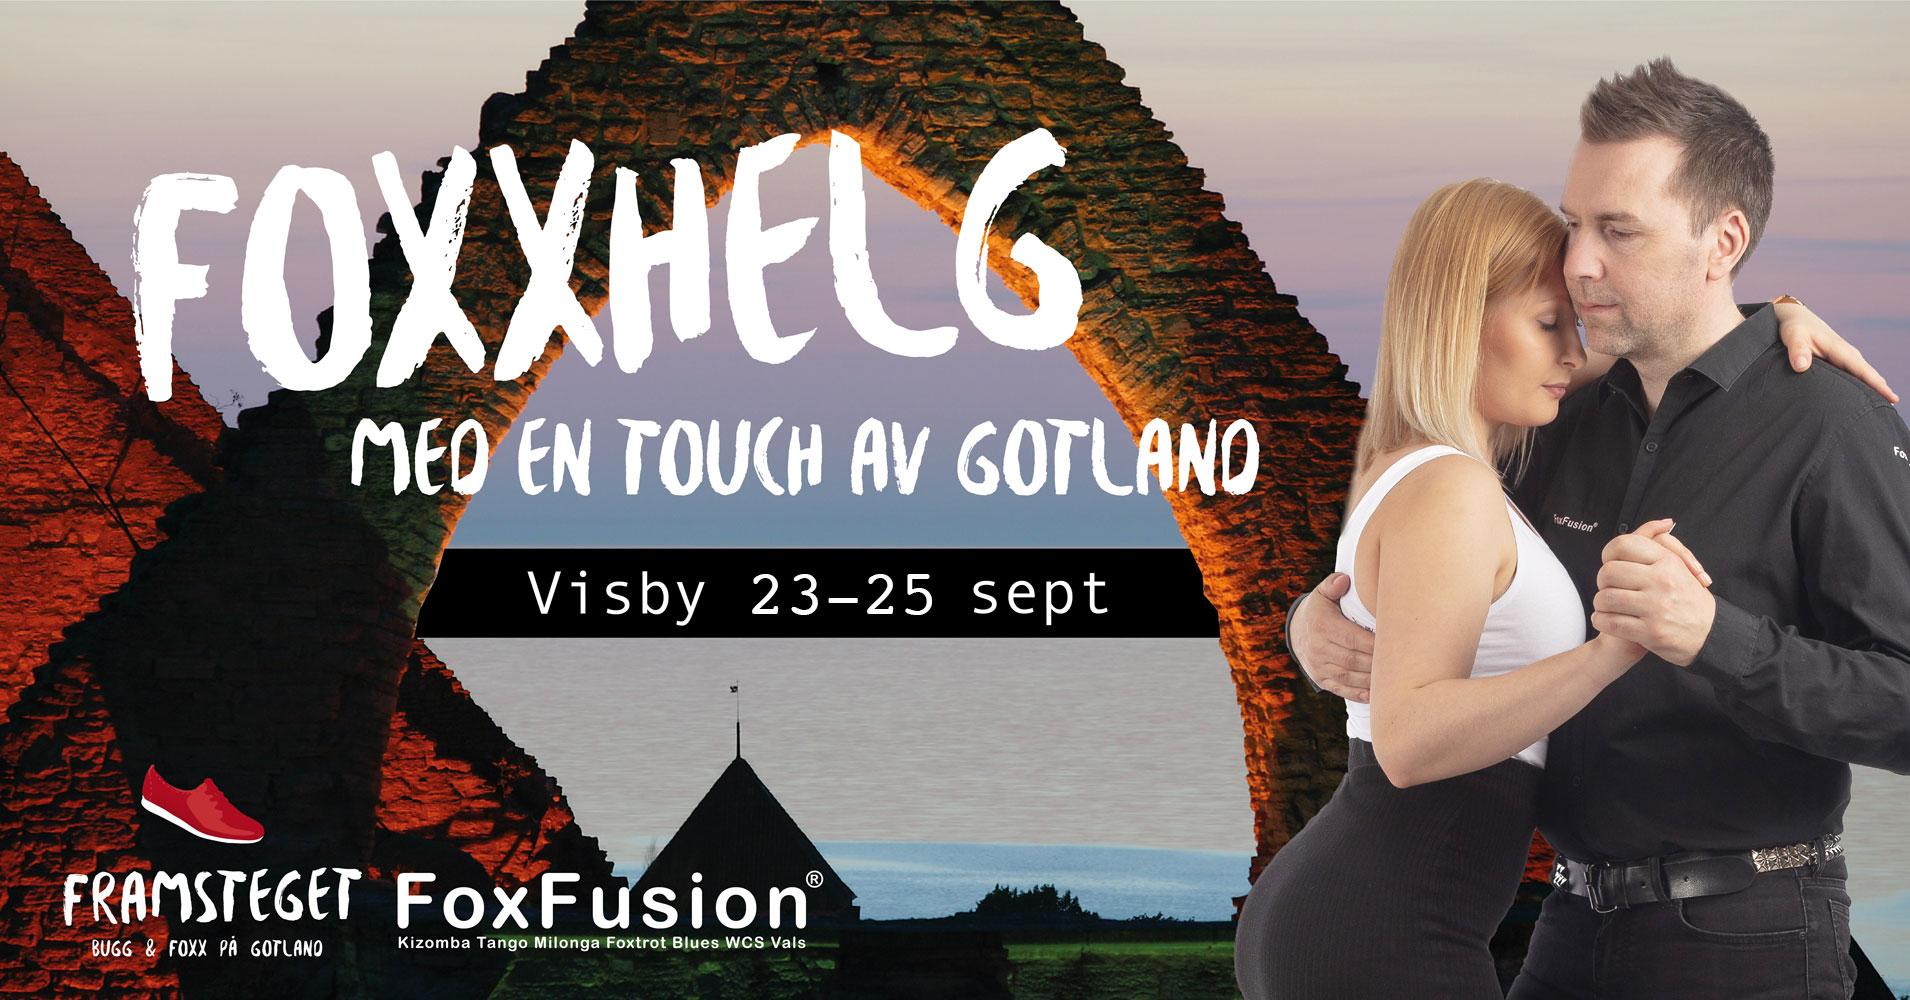 Foxhelg - Med en touch av Gotland